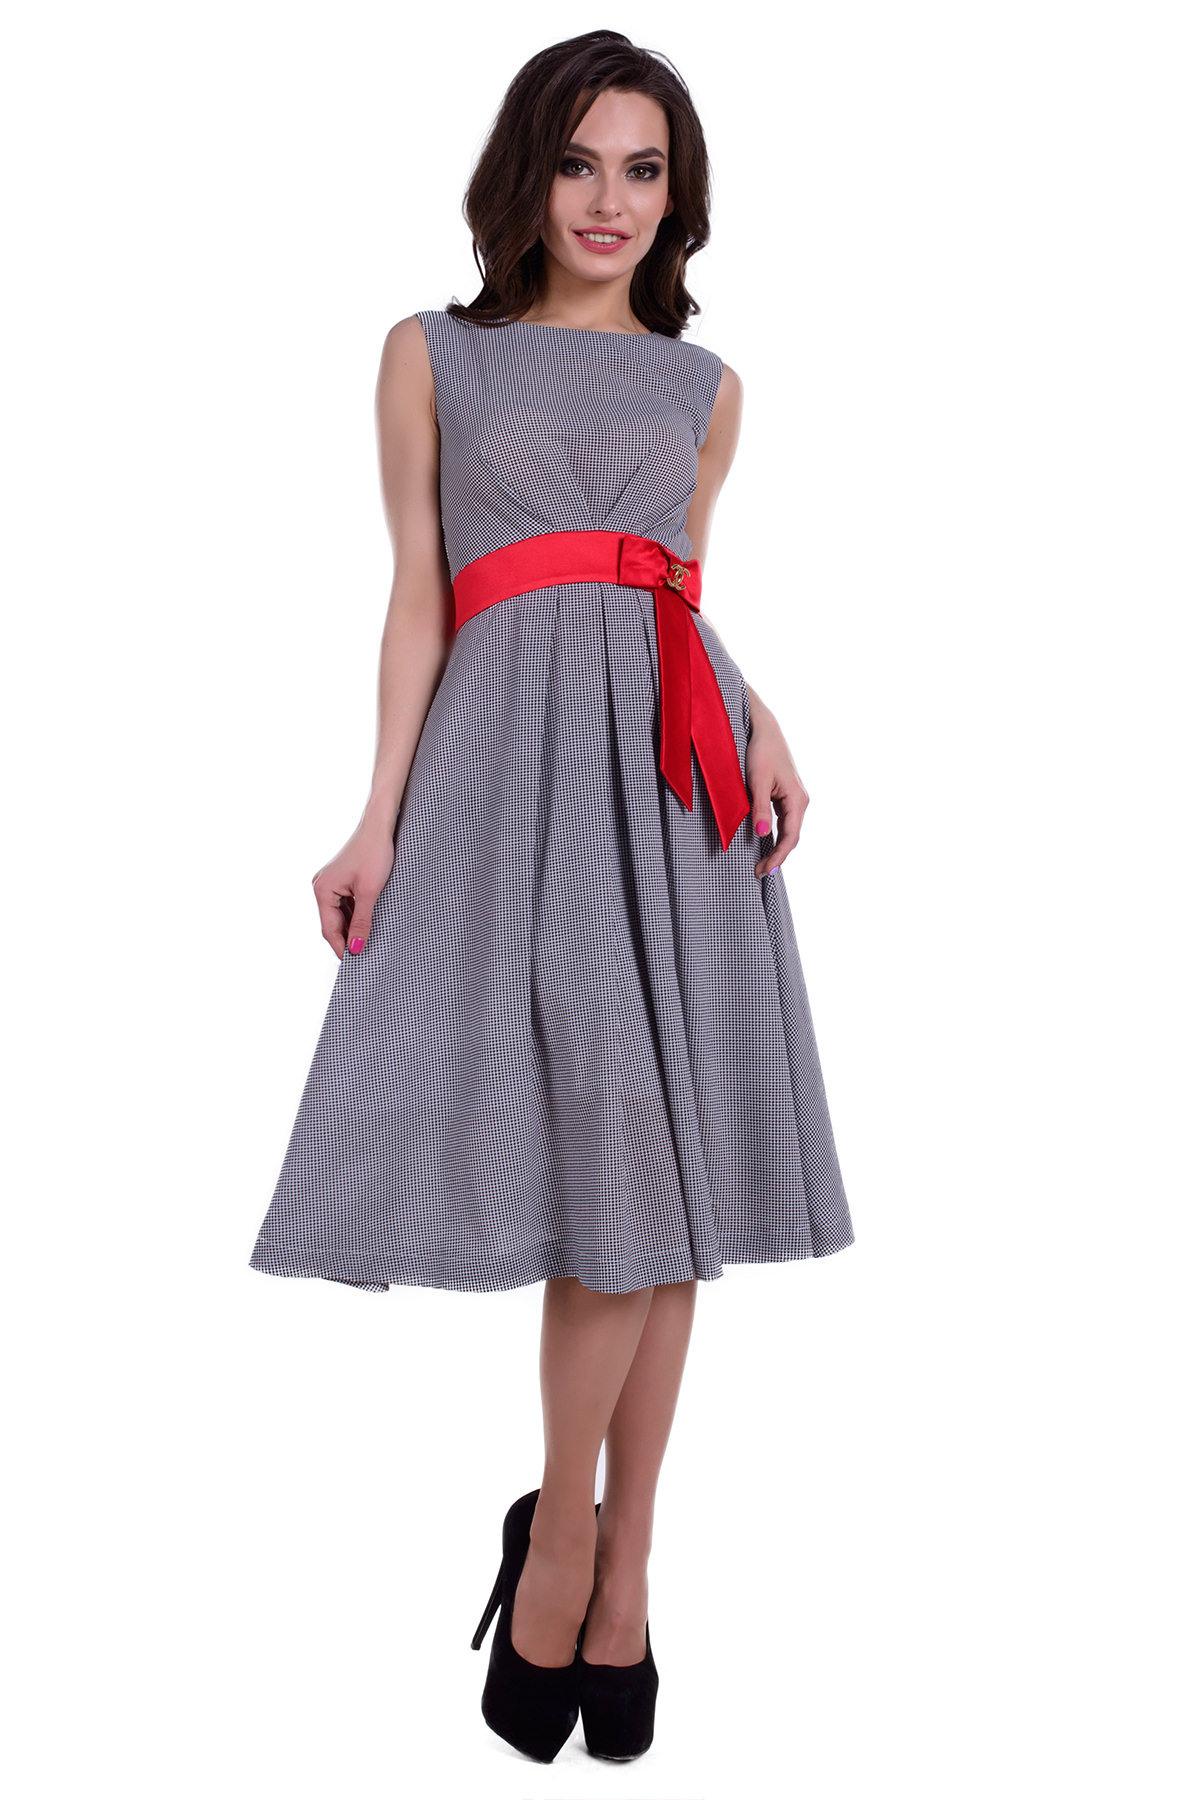 Весенние платья оптом Платье Китти принт креп шифон